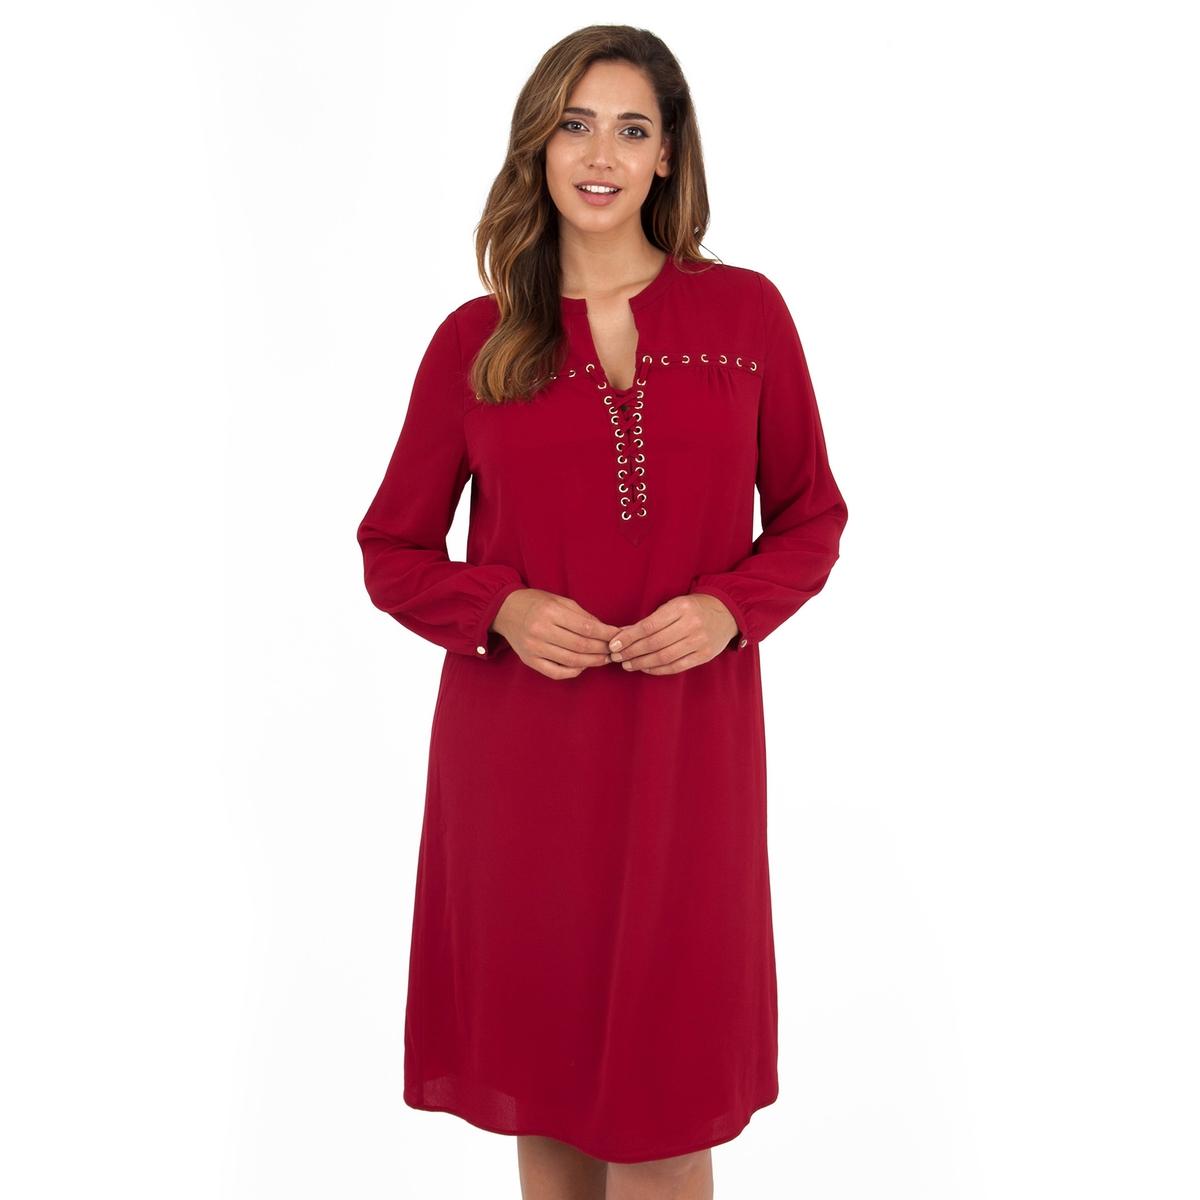 ПлатьеПлатье с длинными рукавами - LOVEDROBE. Притягательный красный цвет и красивый эффект шнуровки в области декольте. Манжеты с небольшими золотистыми пуговицами. Длина ок.104 см. 100% полиэстера.<br><br>Цвет: бордовый<br>Размер: 46 (FR) - 52 (RUS)